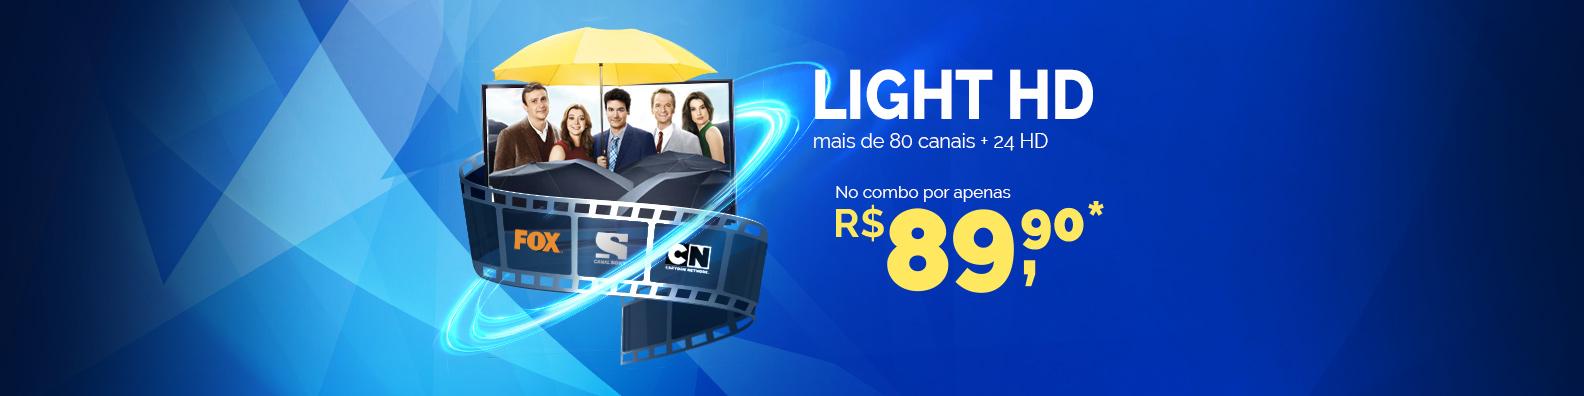 net light hd mais de 80 canais e 24 hd por apenas 89 reais no combo